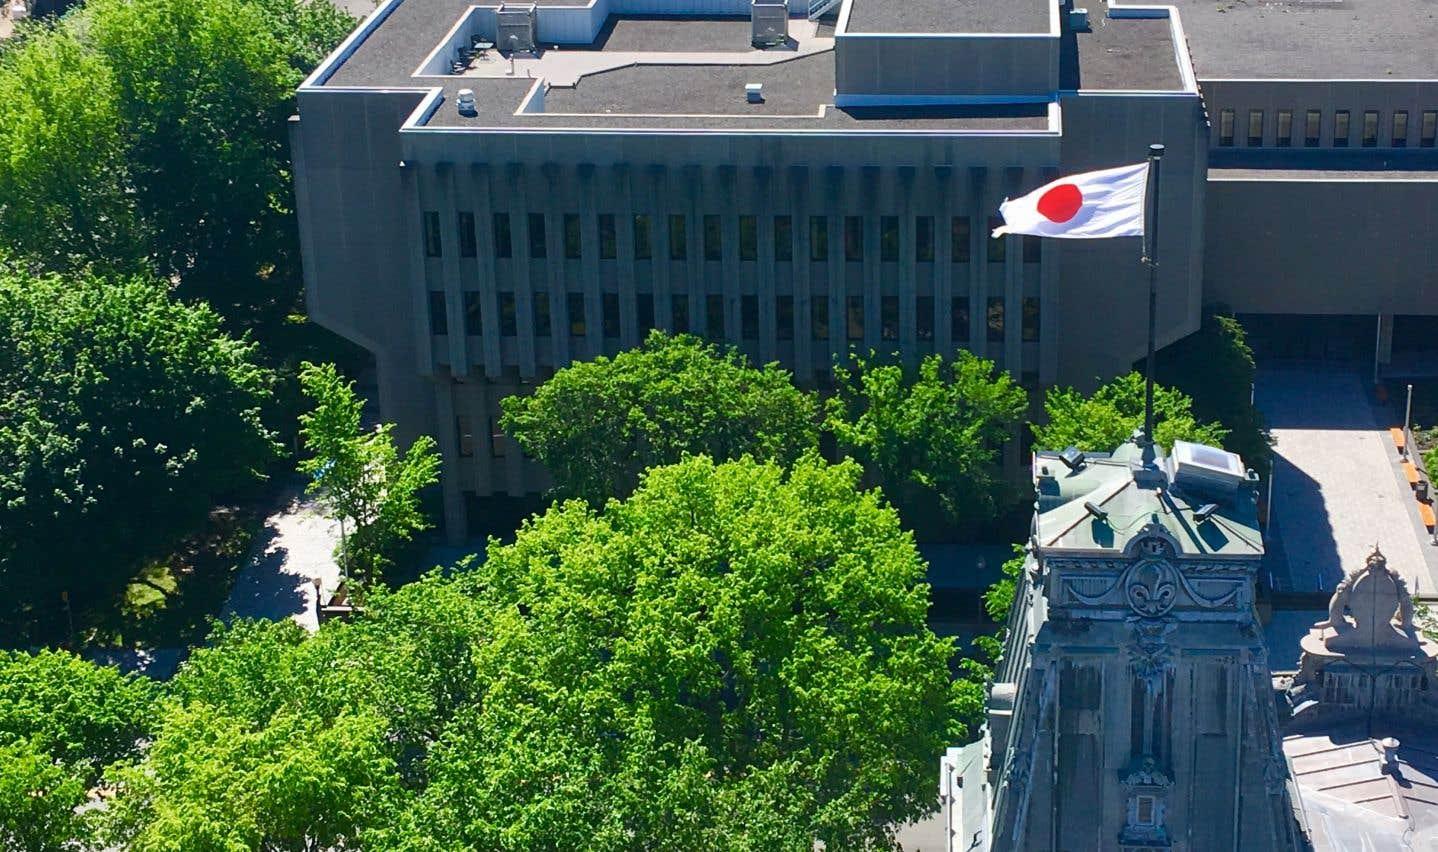 Côté sud, le Parlement domine le «bunker» de la Grande Allée sur lequel on voit encore la table de patio utilisée par l'ancien premier ministre Robert Bourassa. Lors du passage du Devoir, l'Assemblée nationale soulignait la présence d'un diplomate japonais sur son mât secondaire.